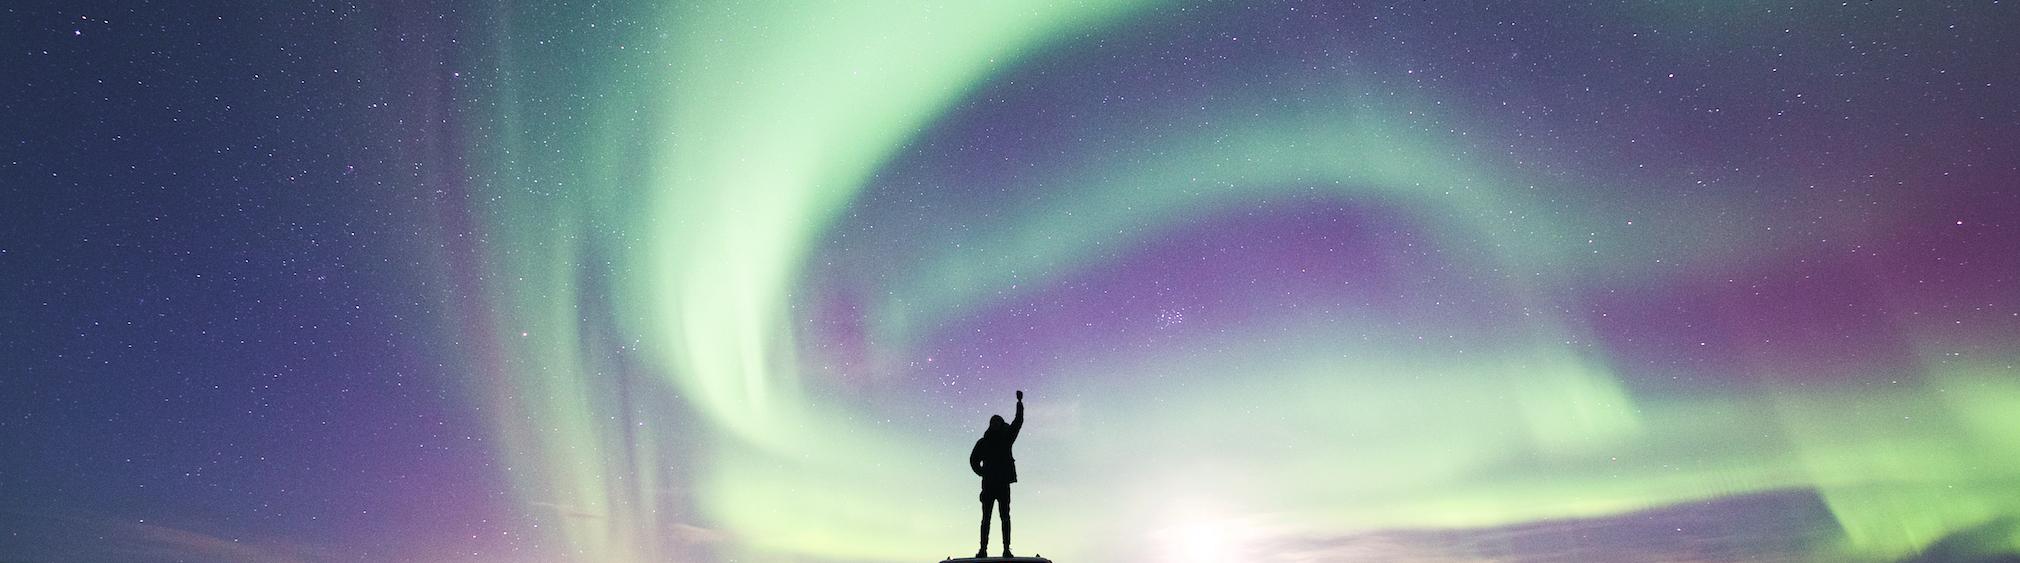 Jarrad seng   northern lights 1